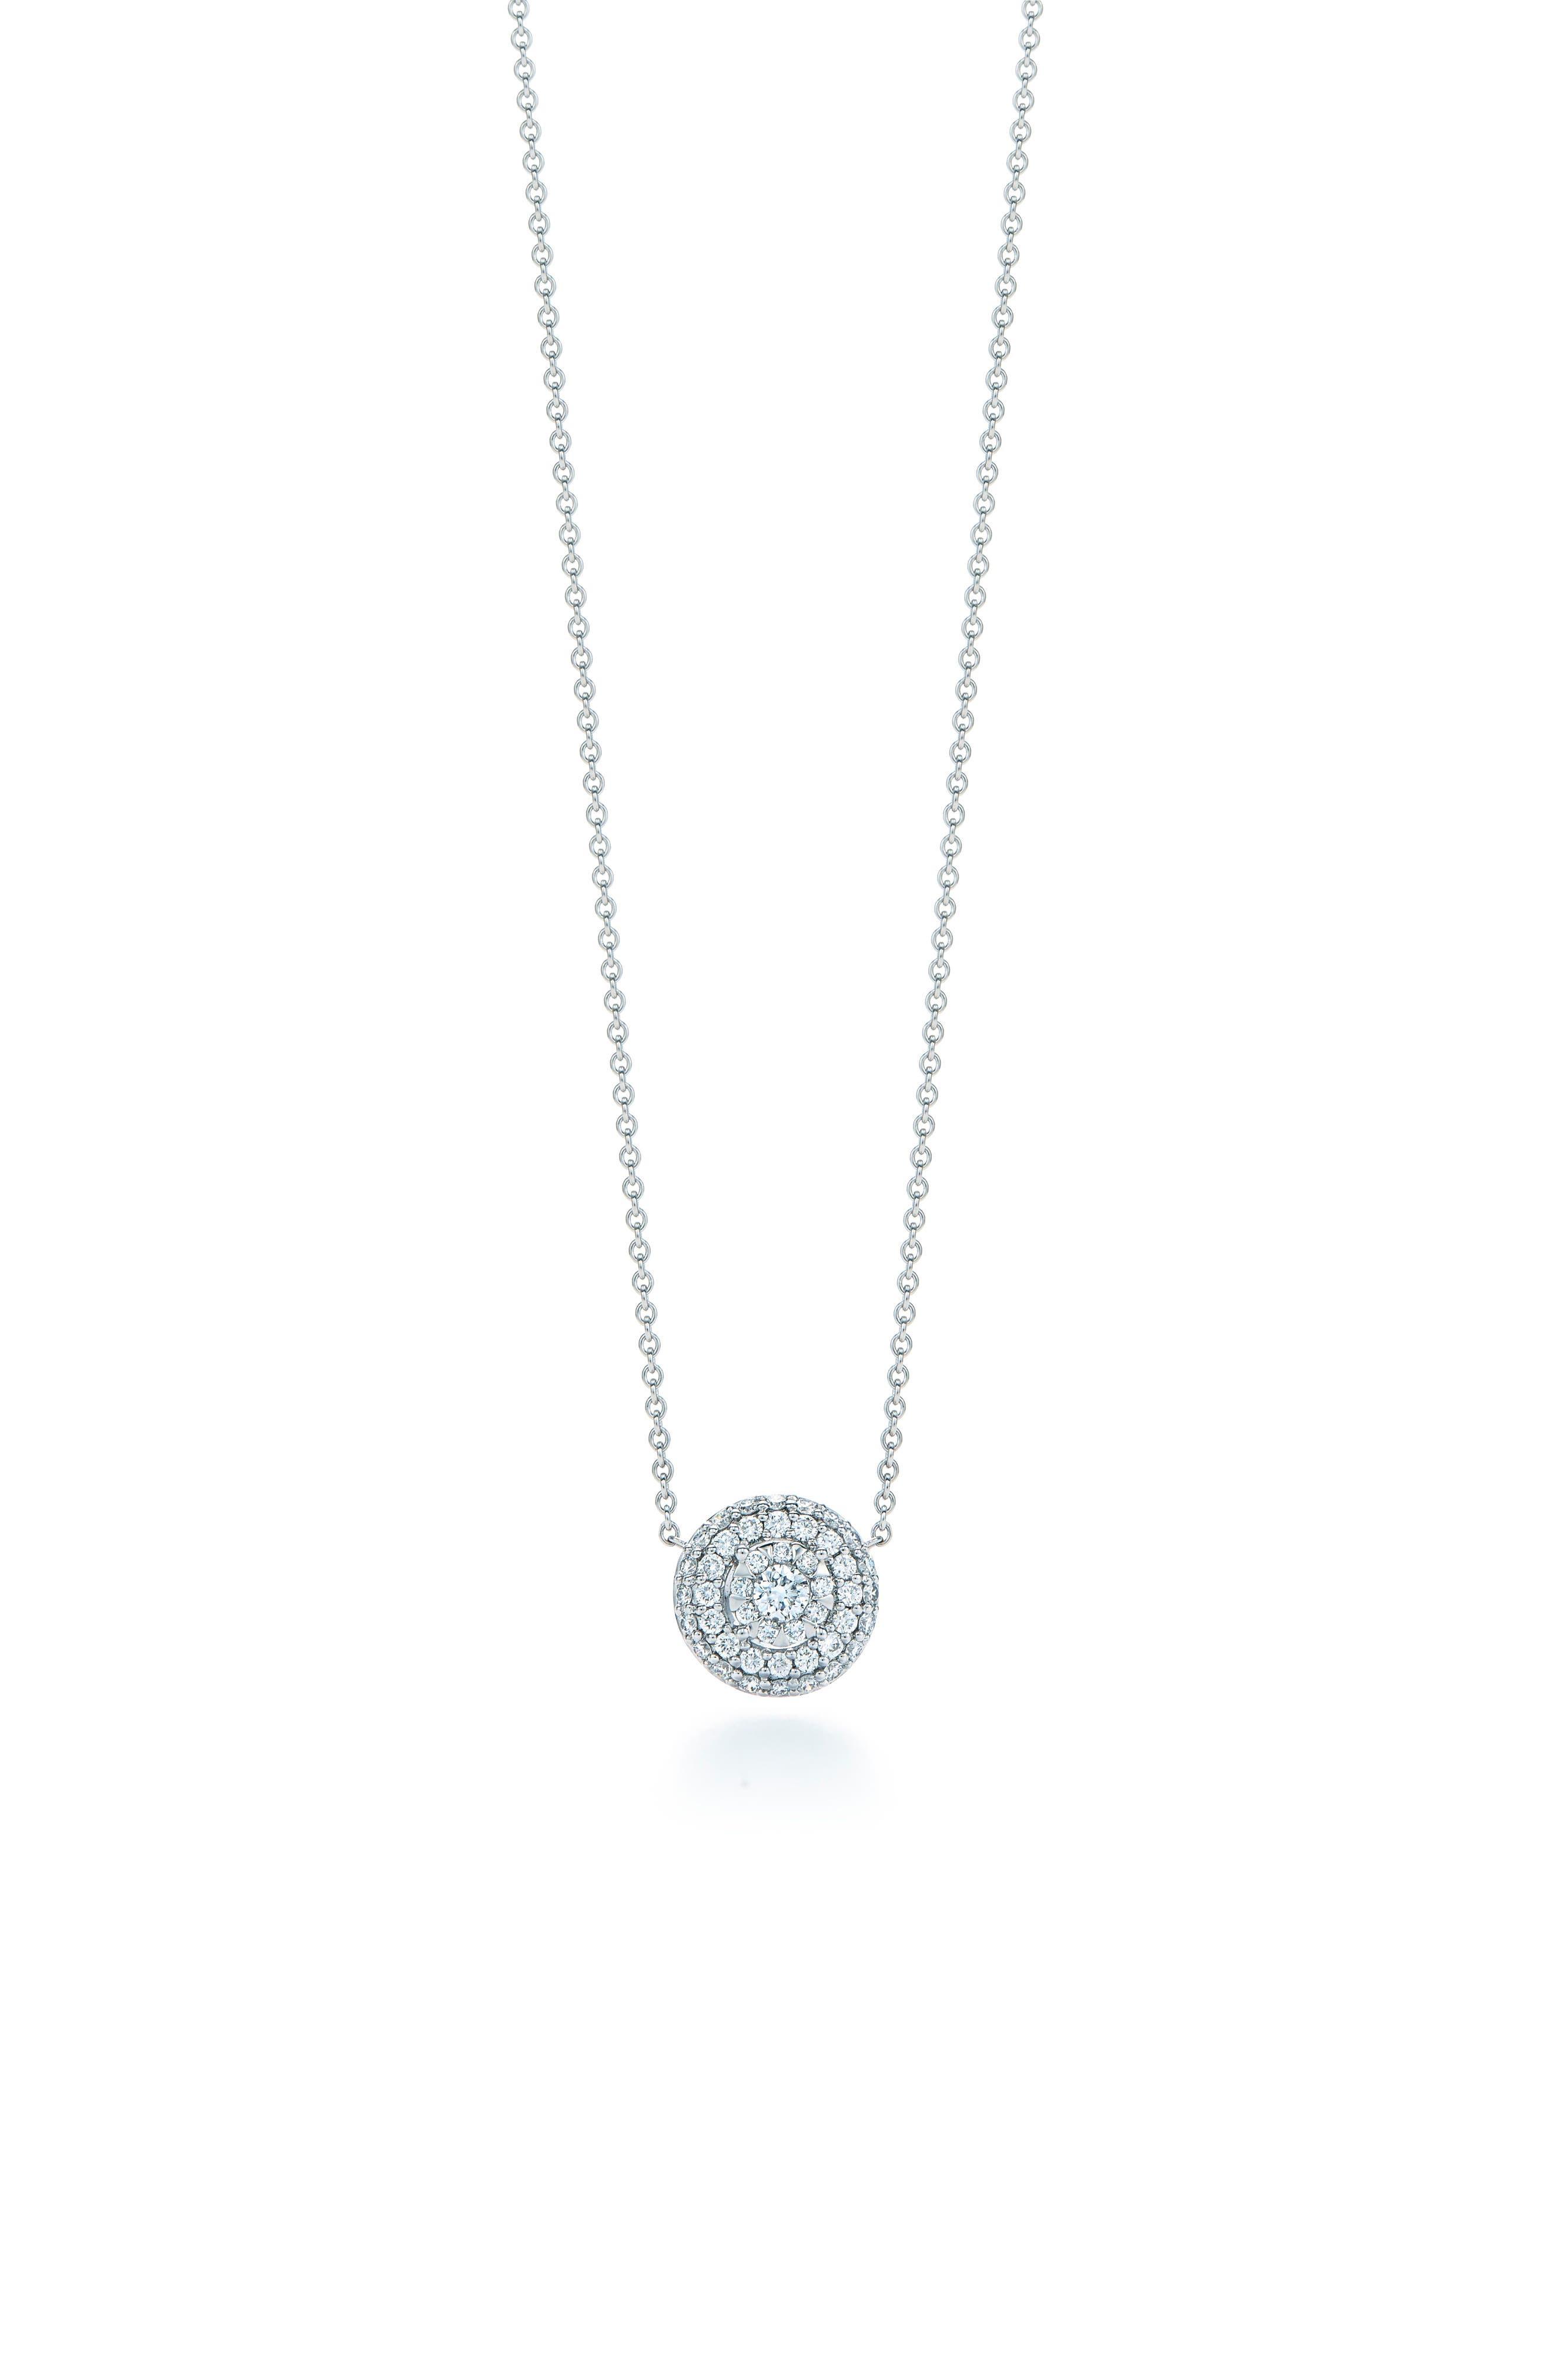 Sunburst Pavé Diamond Double Halo Pendant Necklace,                         Main,                         color, WHITE GOLD